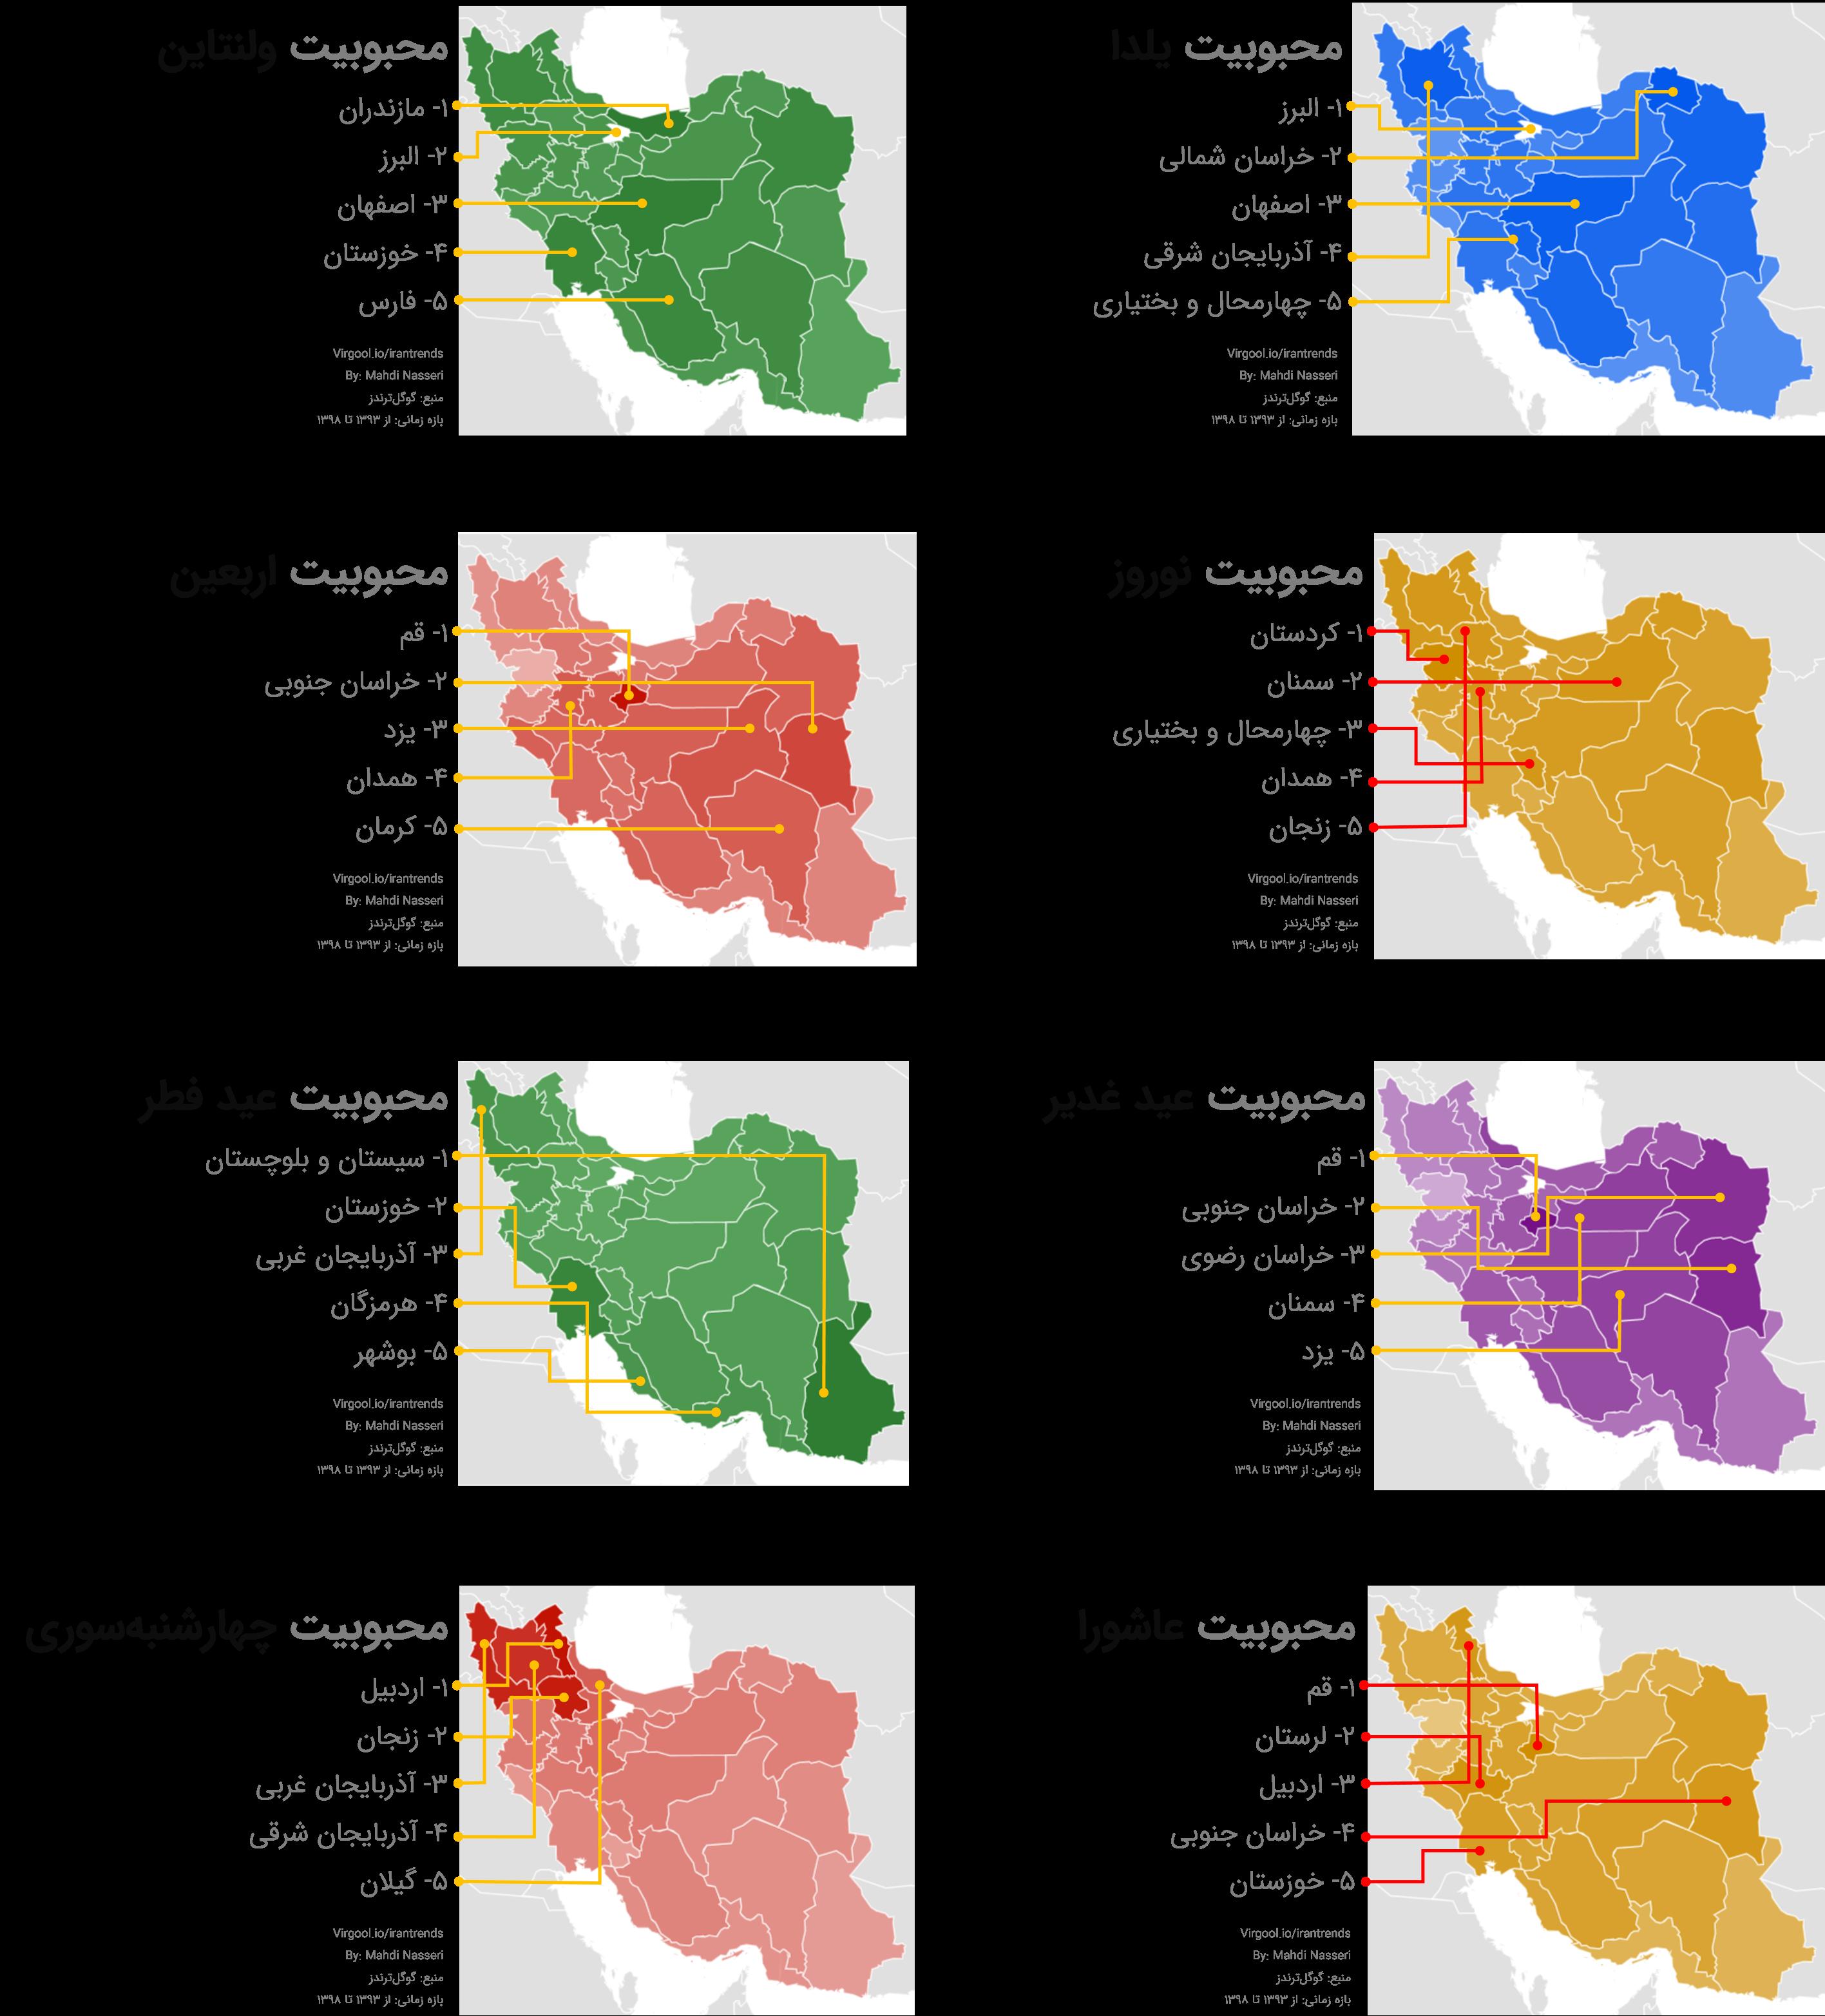 مقایسه محبوبیت ۸ مناسبت فرهنگی در استانهای مختلف کشور